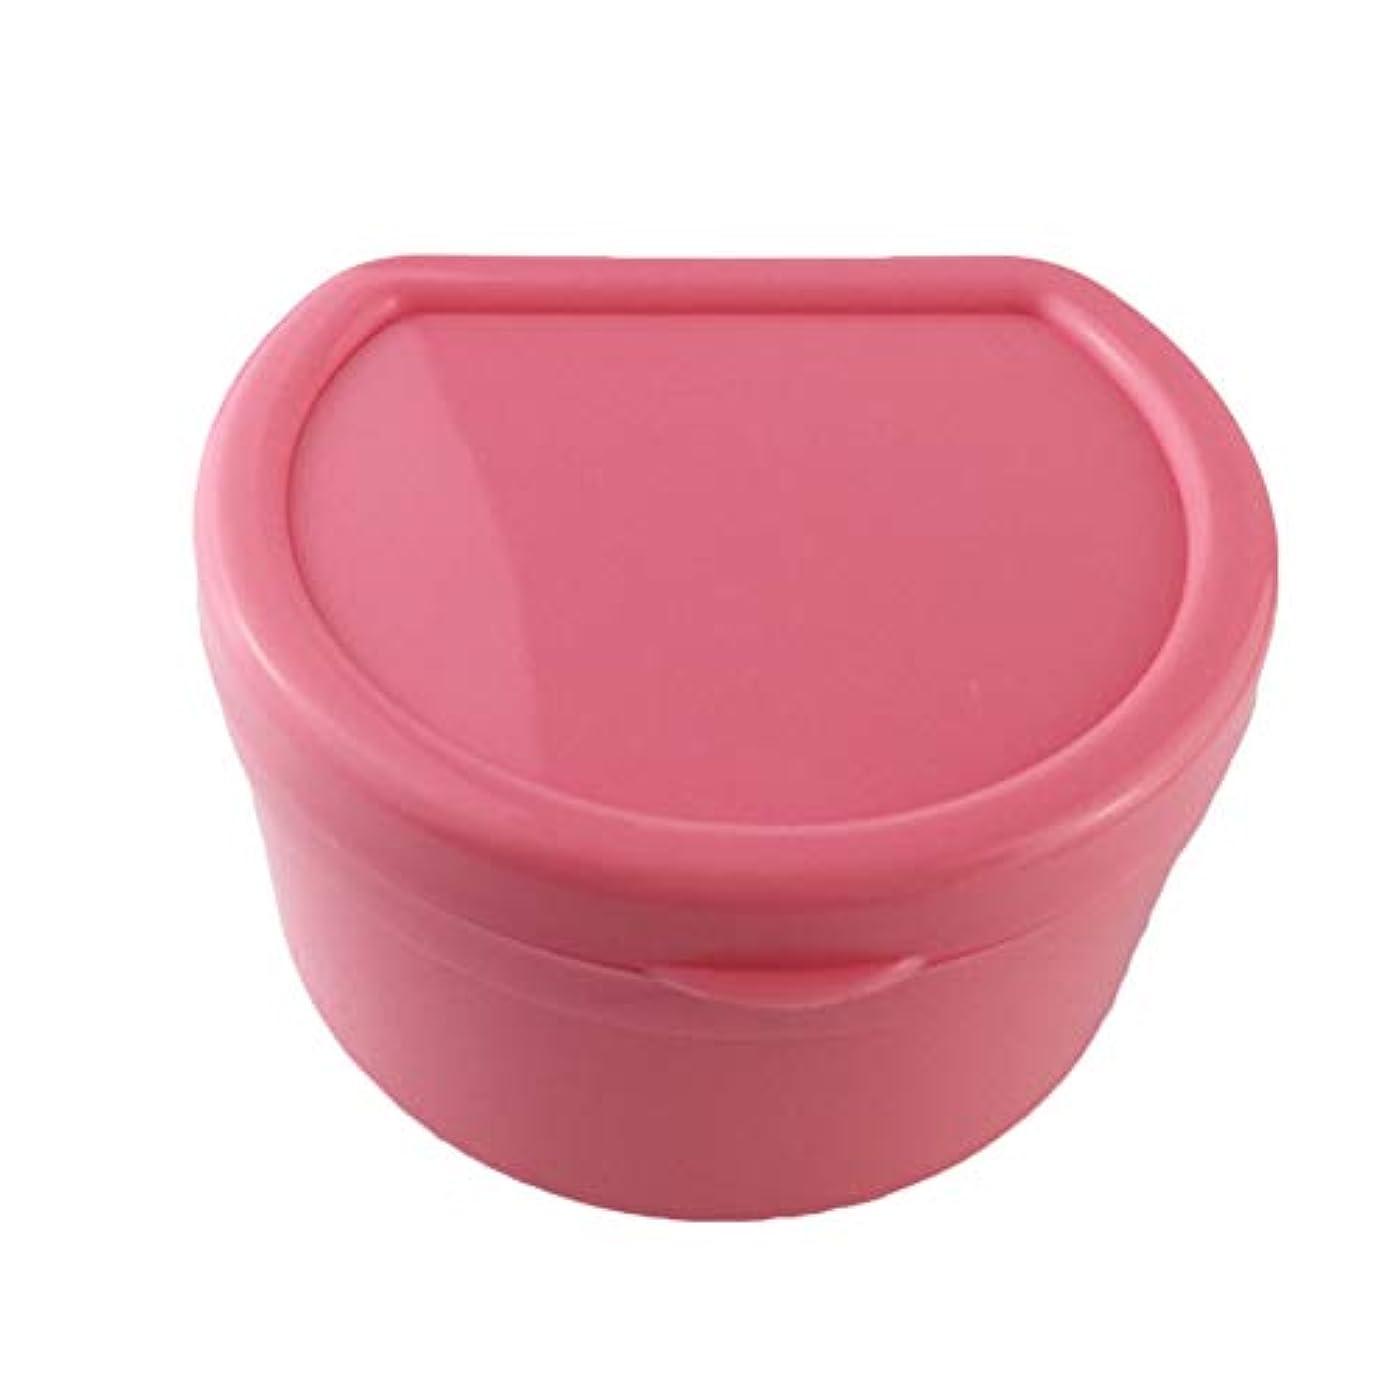 エアコンレシピ麦芽SUPVOX 義歯バスボックスケース入れ歯カップ付きストレーナーネット付偽歯(ピンク)